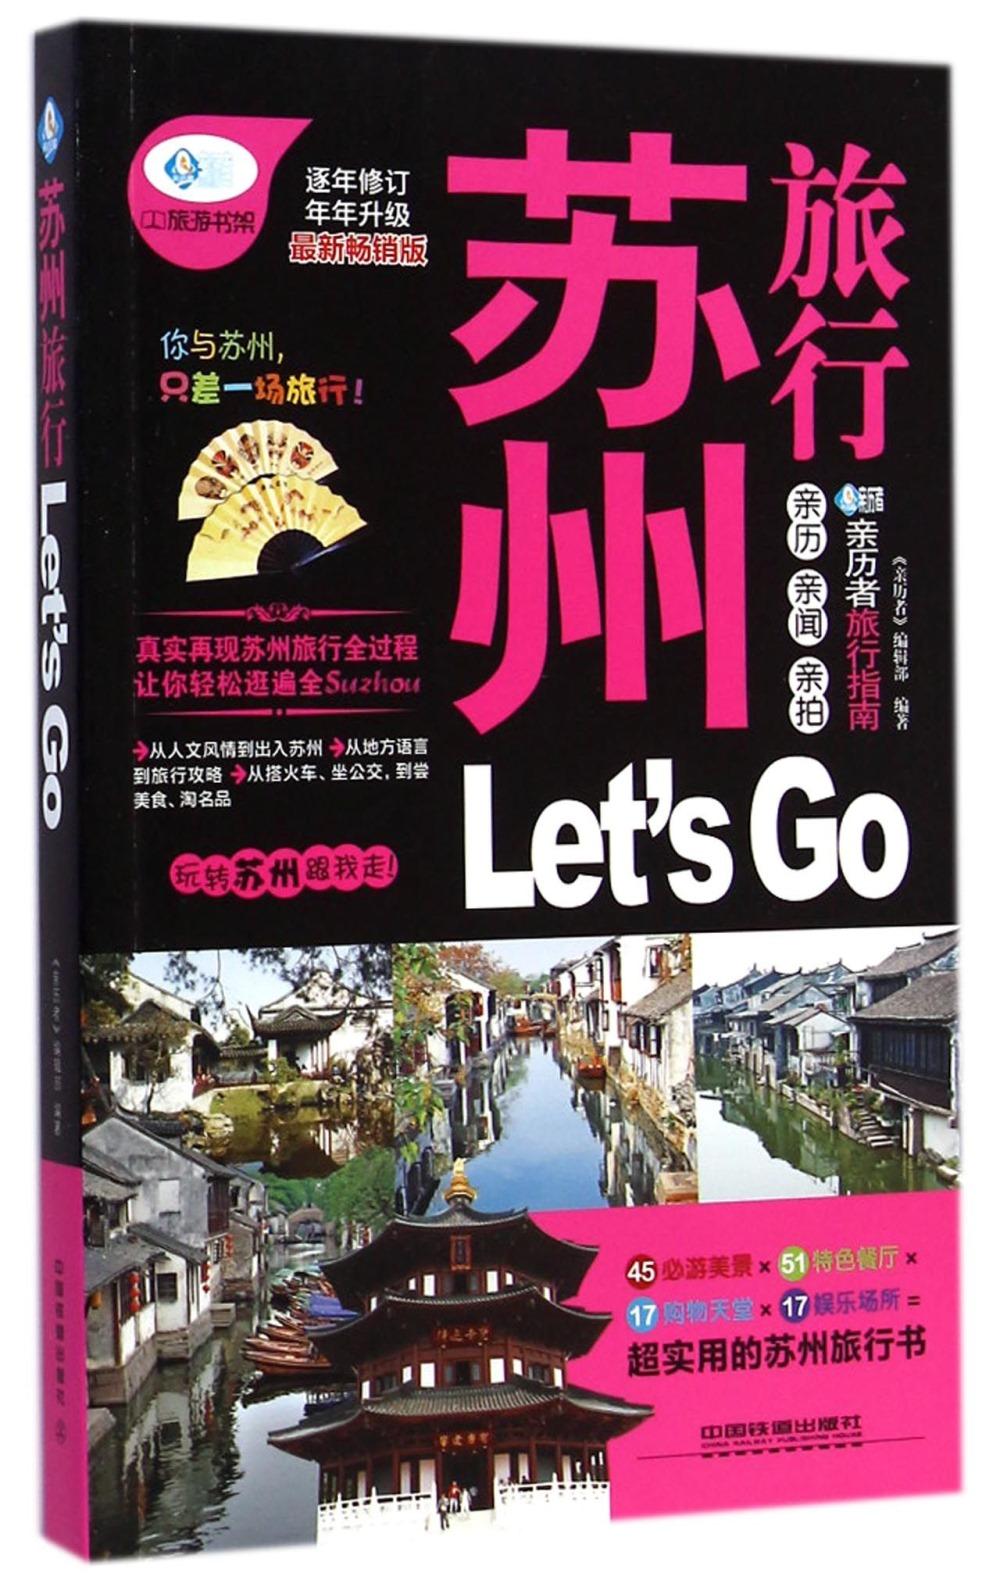 蘇州旅行Let~s GO